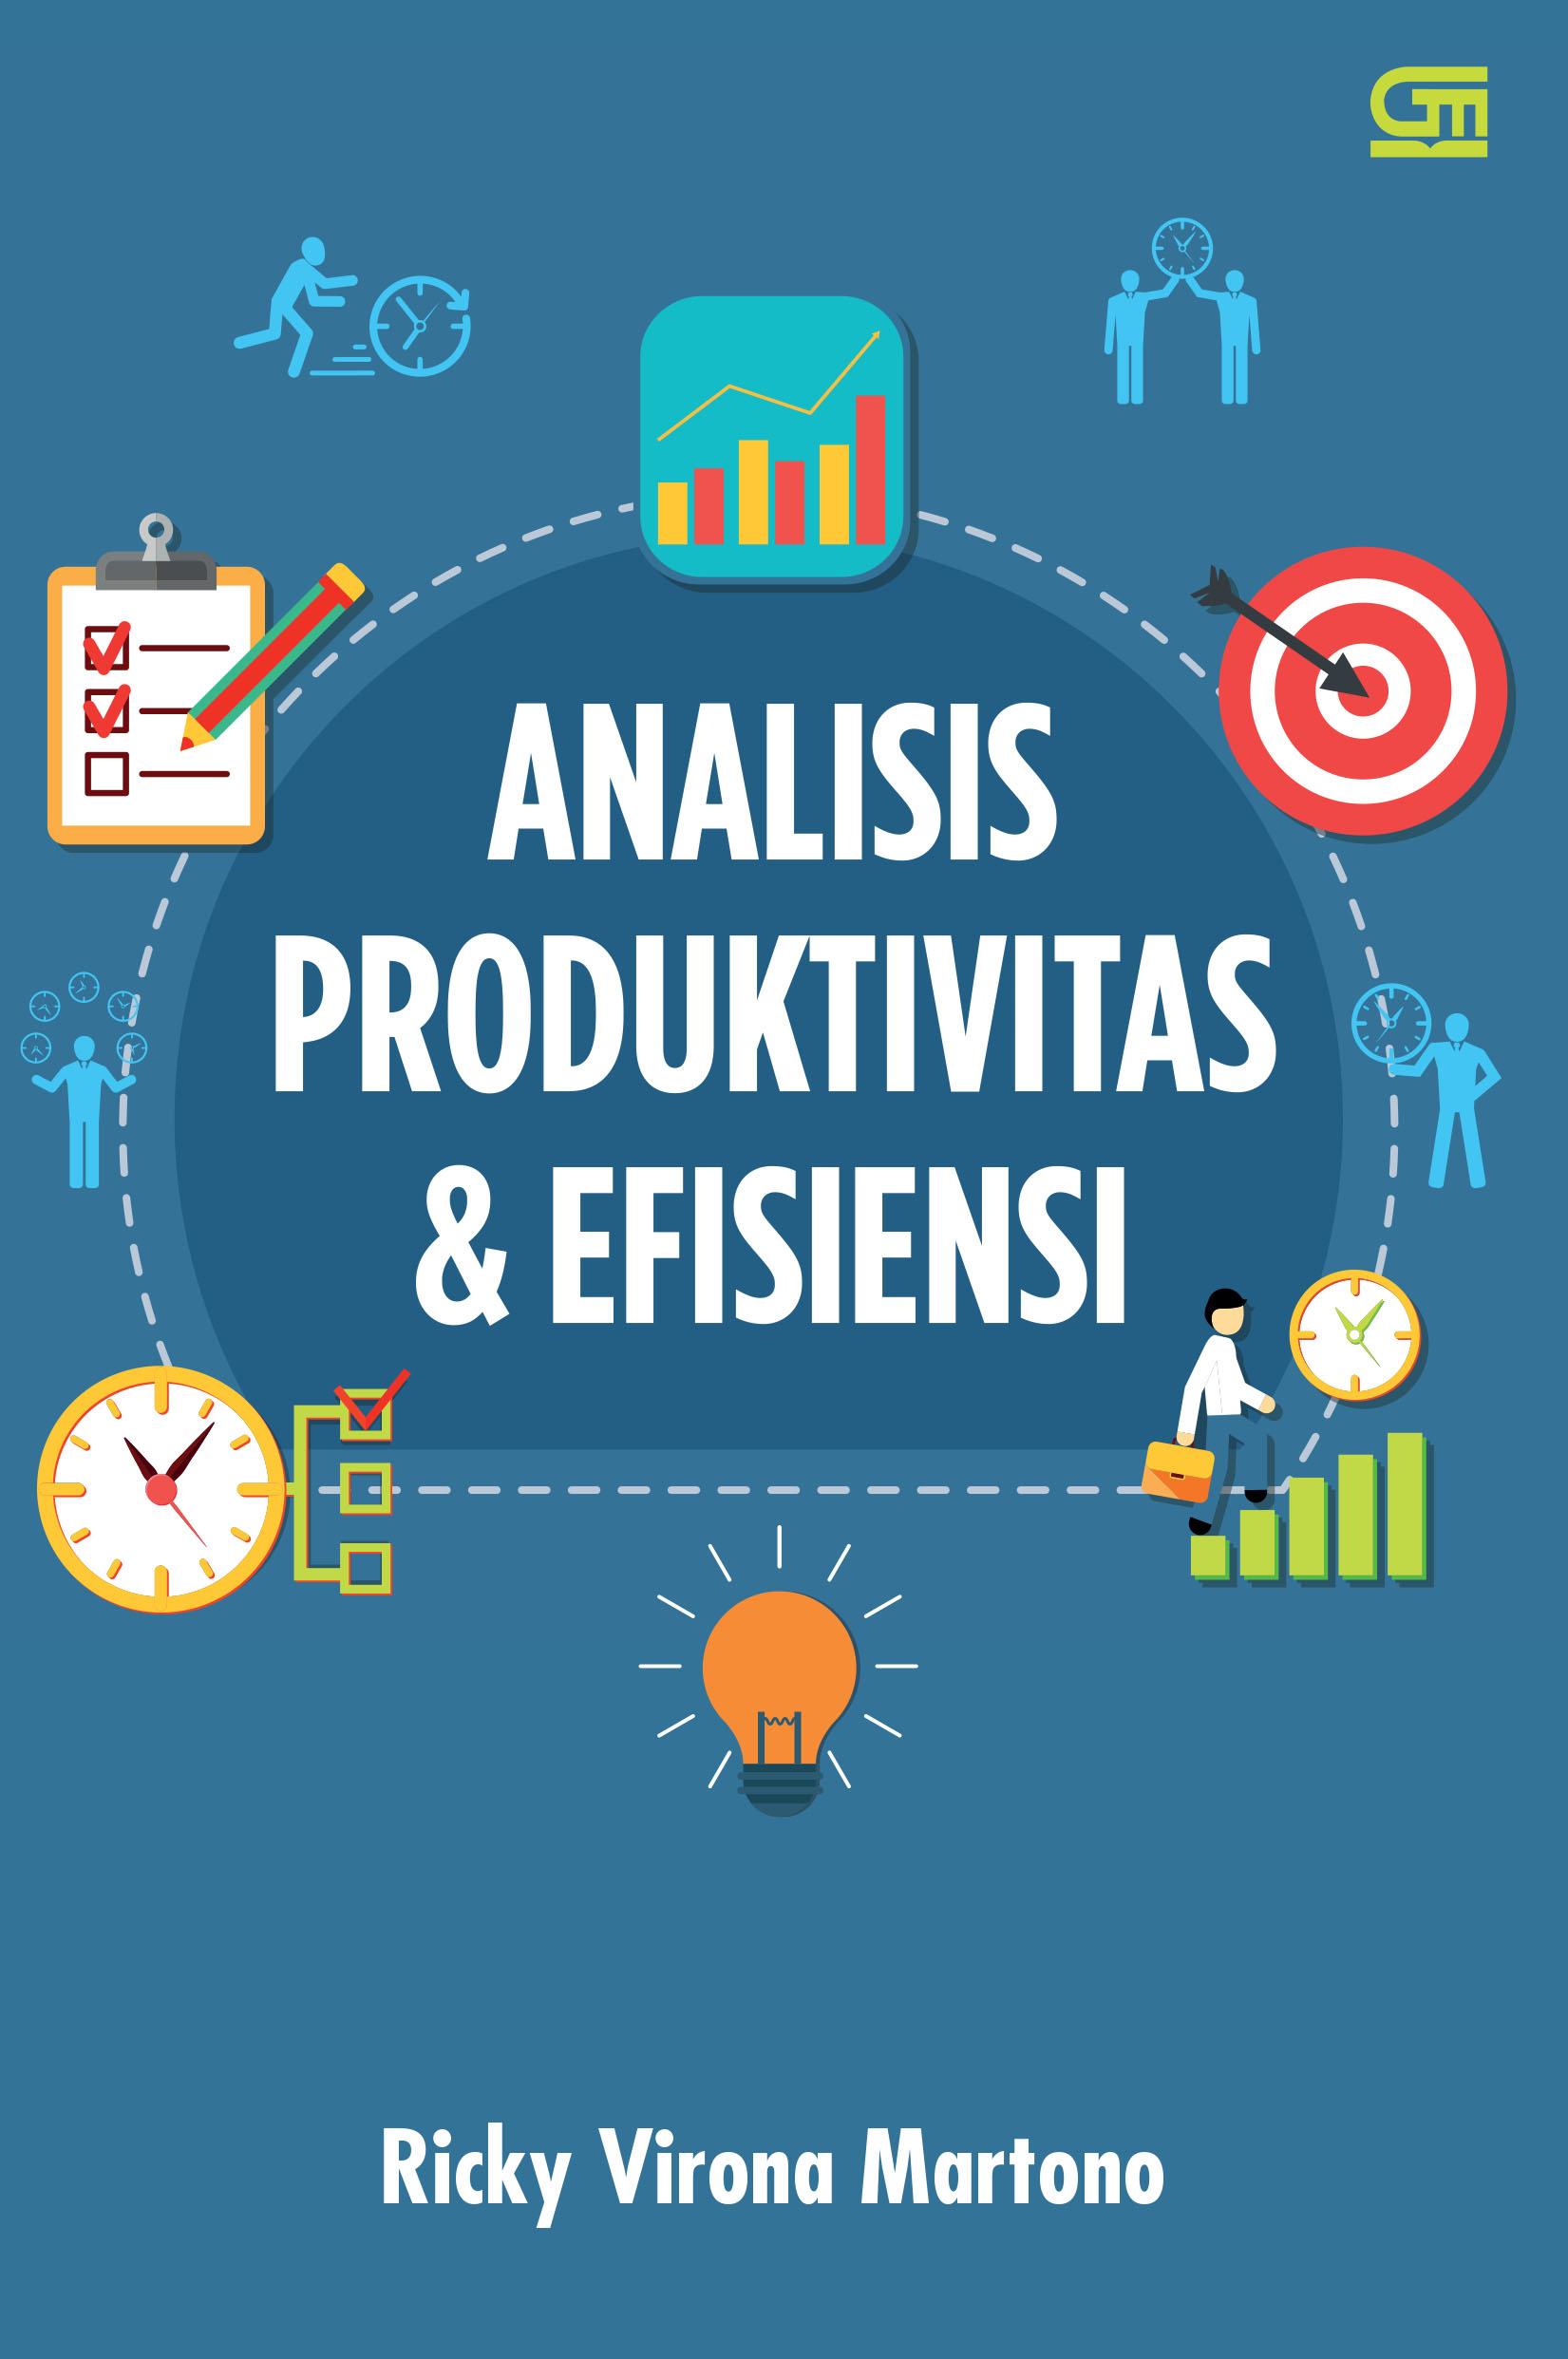 Analisis Produktivitas dan Efisiensi